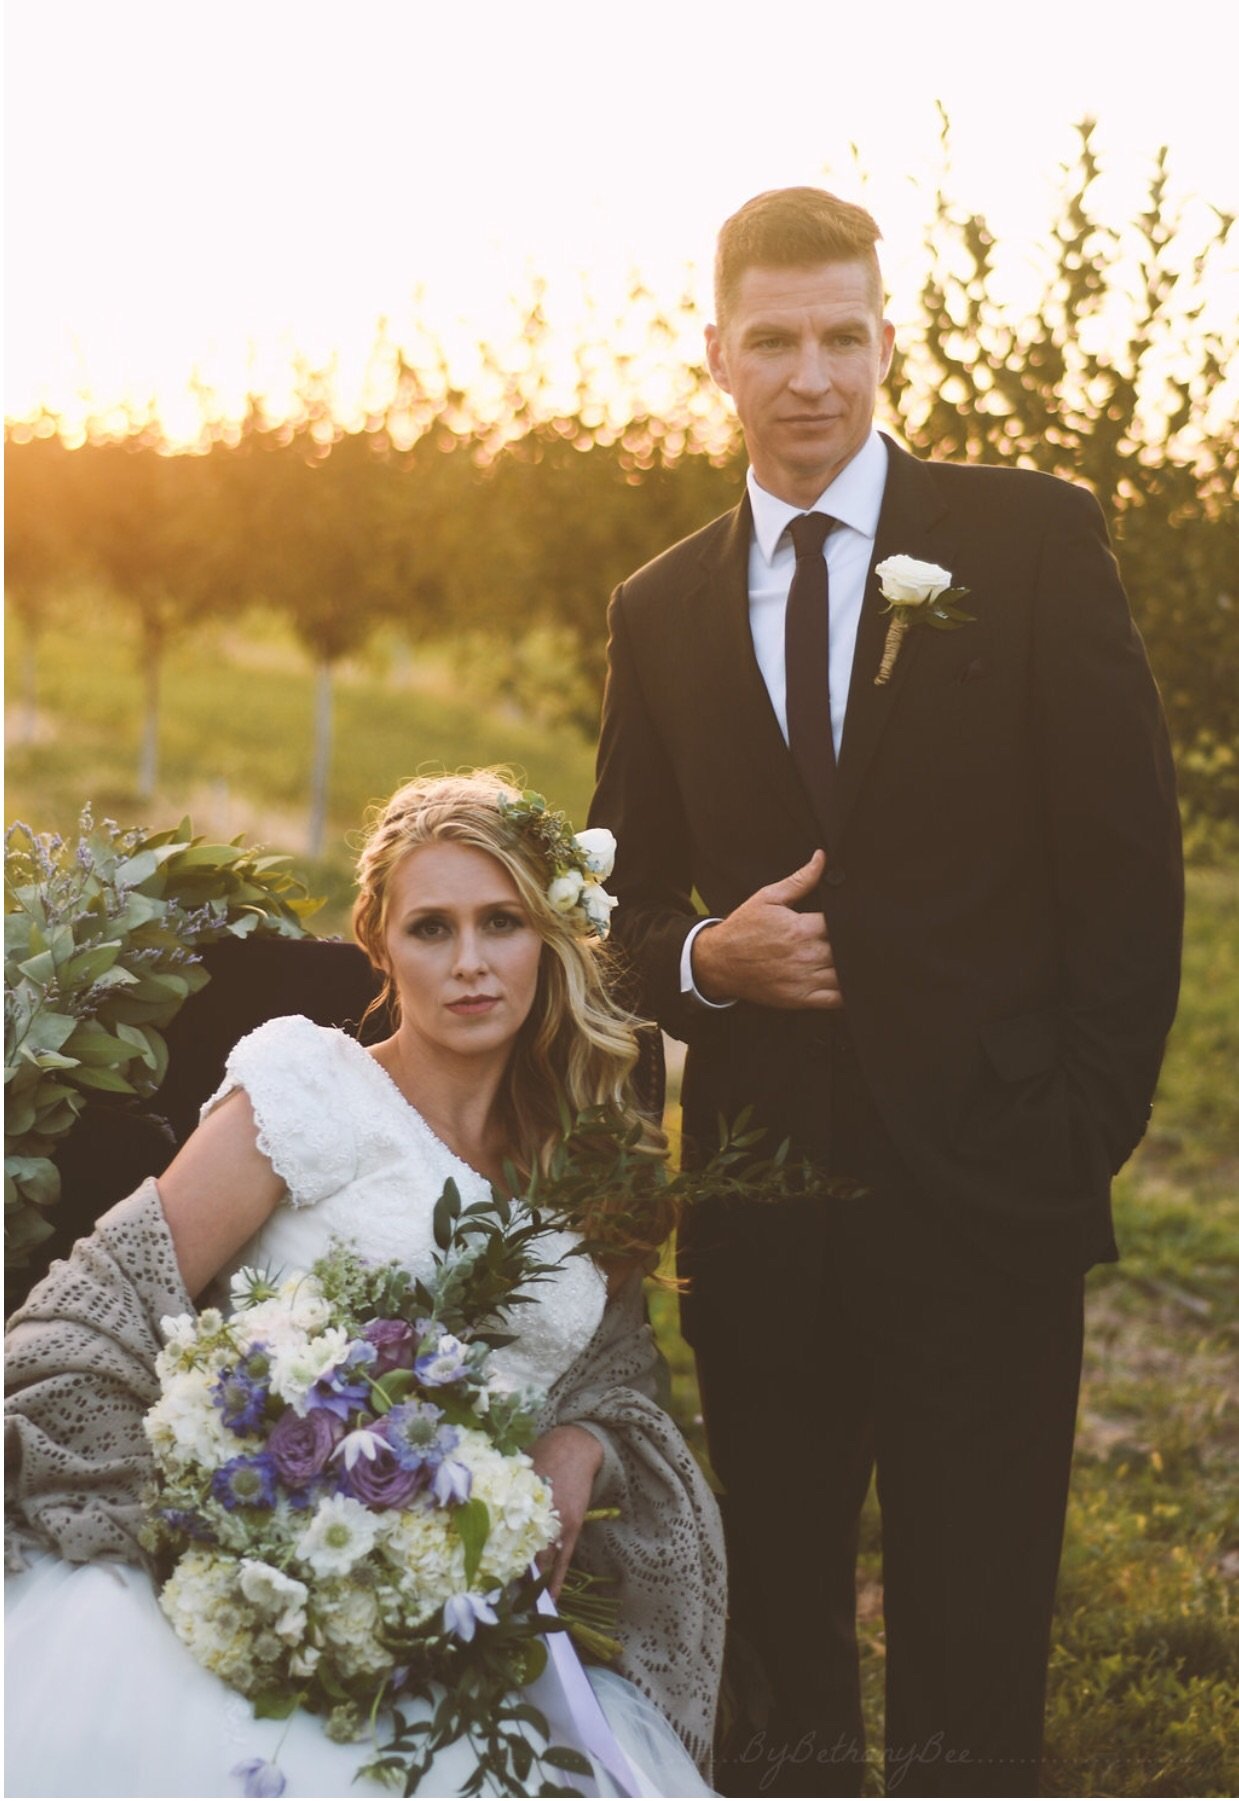 Mary's Brides